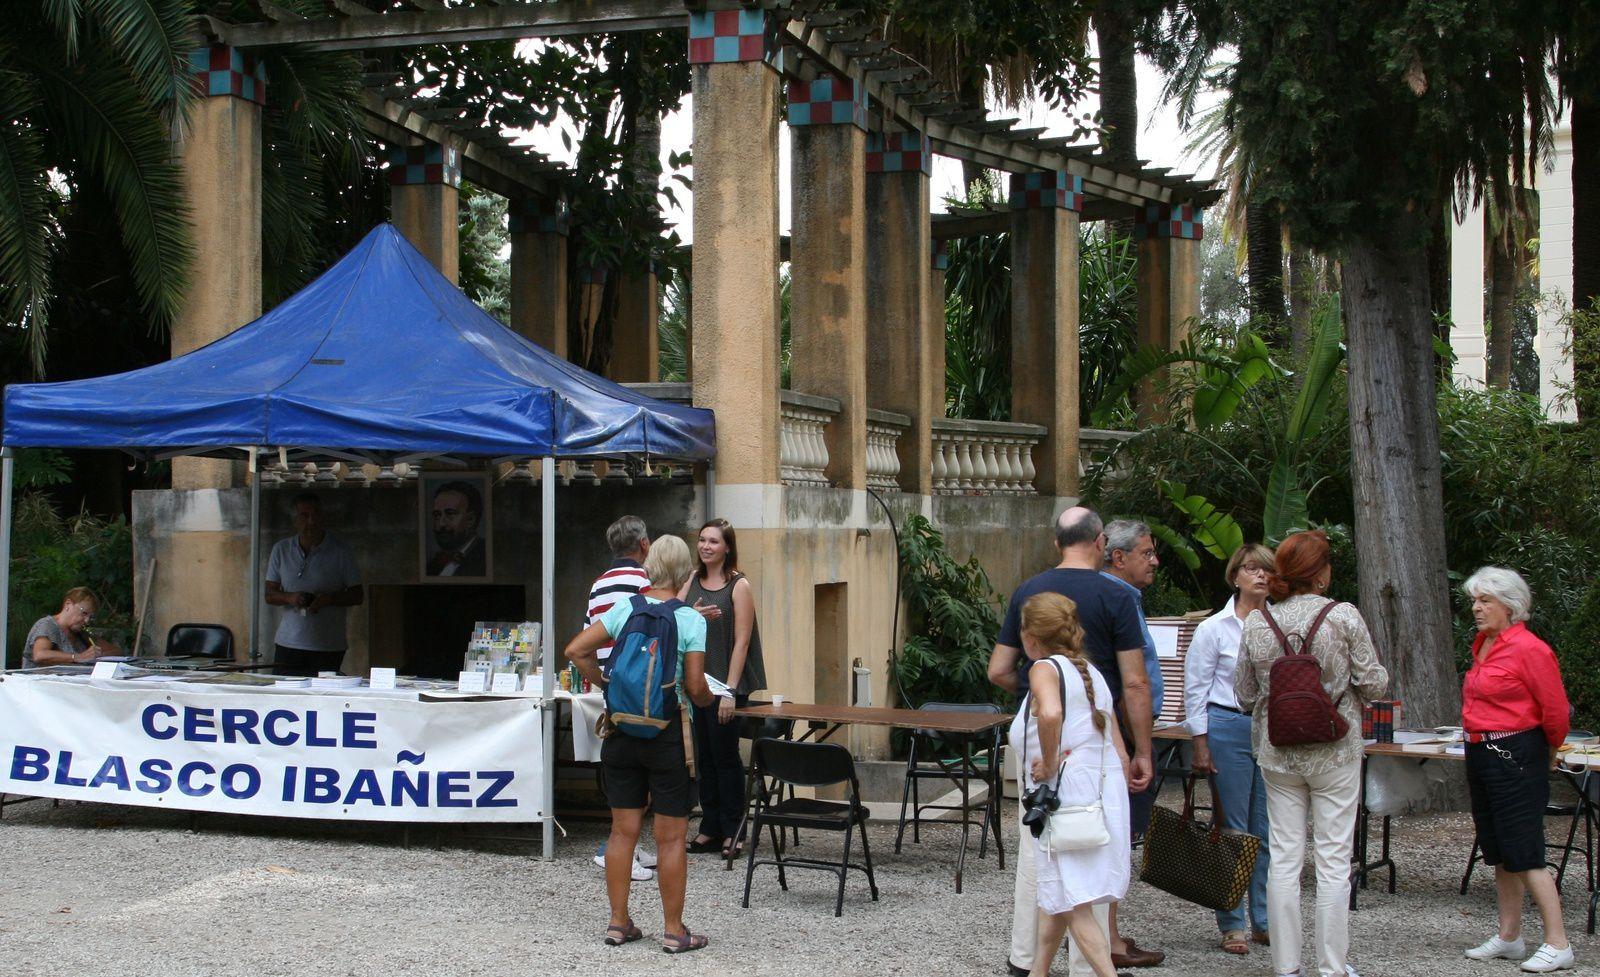 JEP2016 à Fontana Rosa et 1er Festival du Livre d'Occasion du Cercle Blasco Ibañez